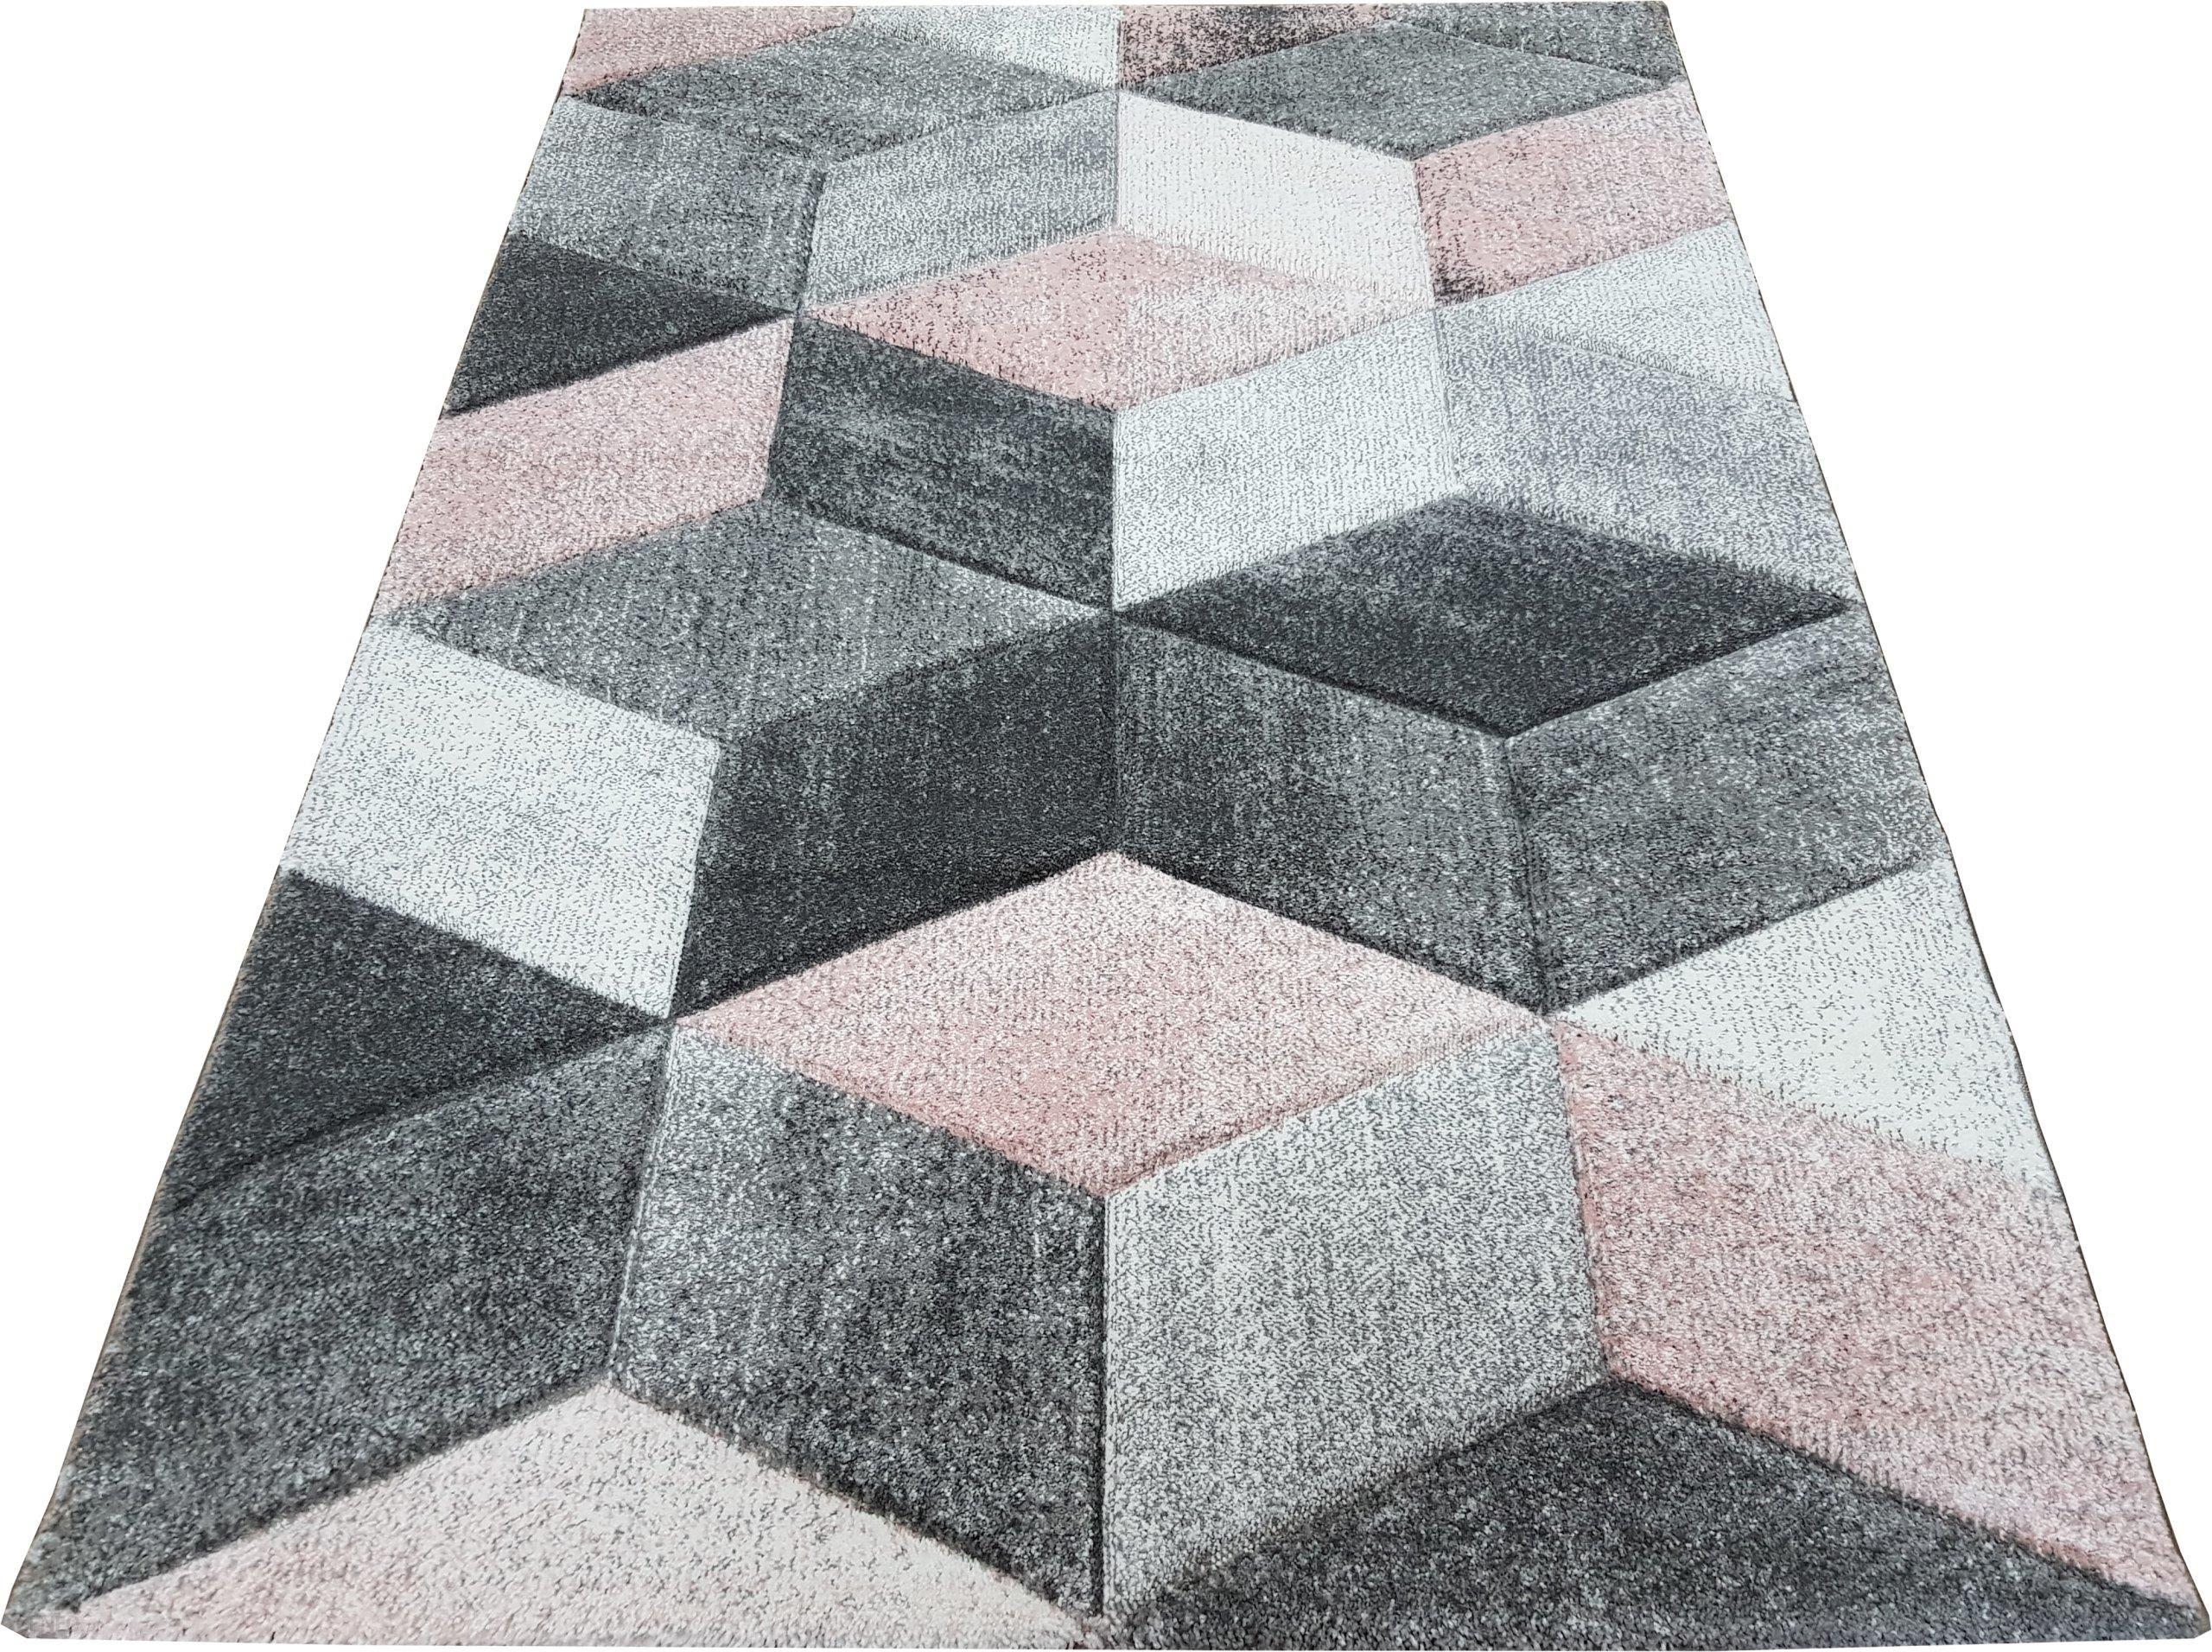 Dywan Diamond 3d 80x150 Geo Szaro Różowy Daisy Opinie I Atrakcyjne Ceny Na Ceneopl